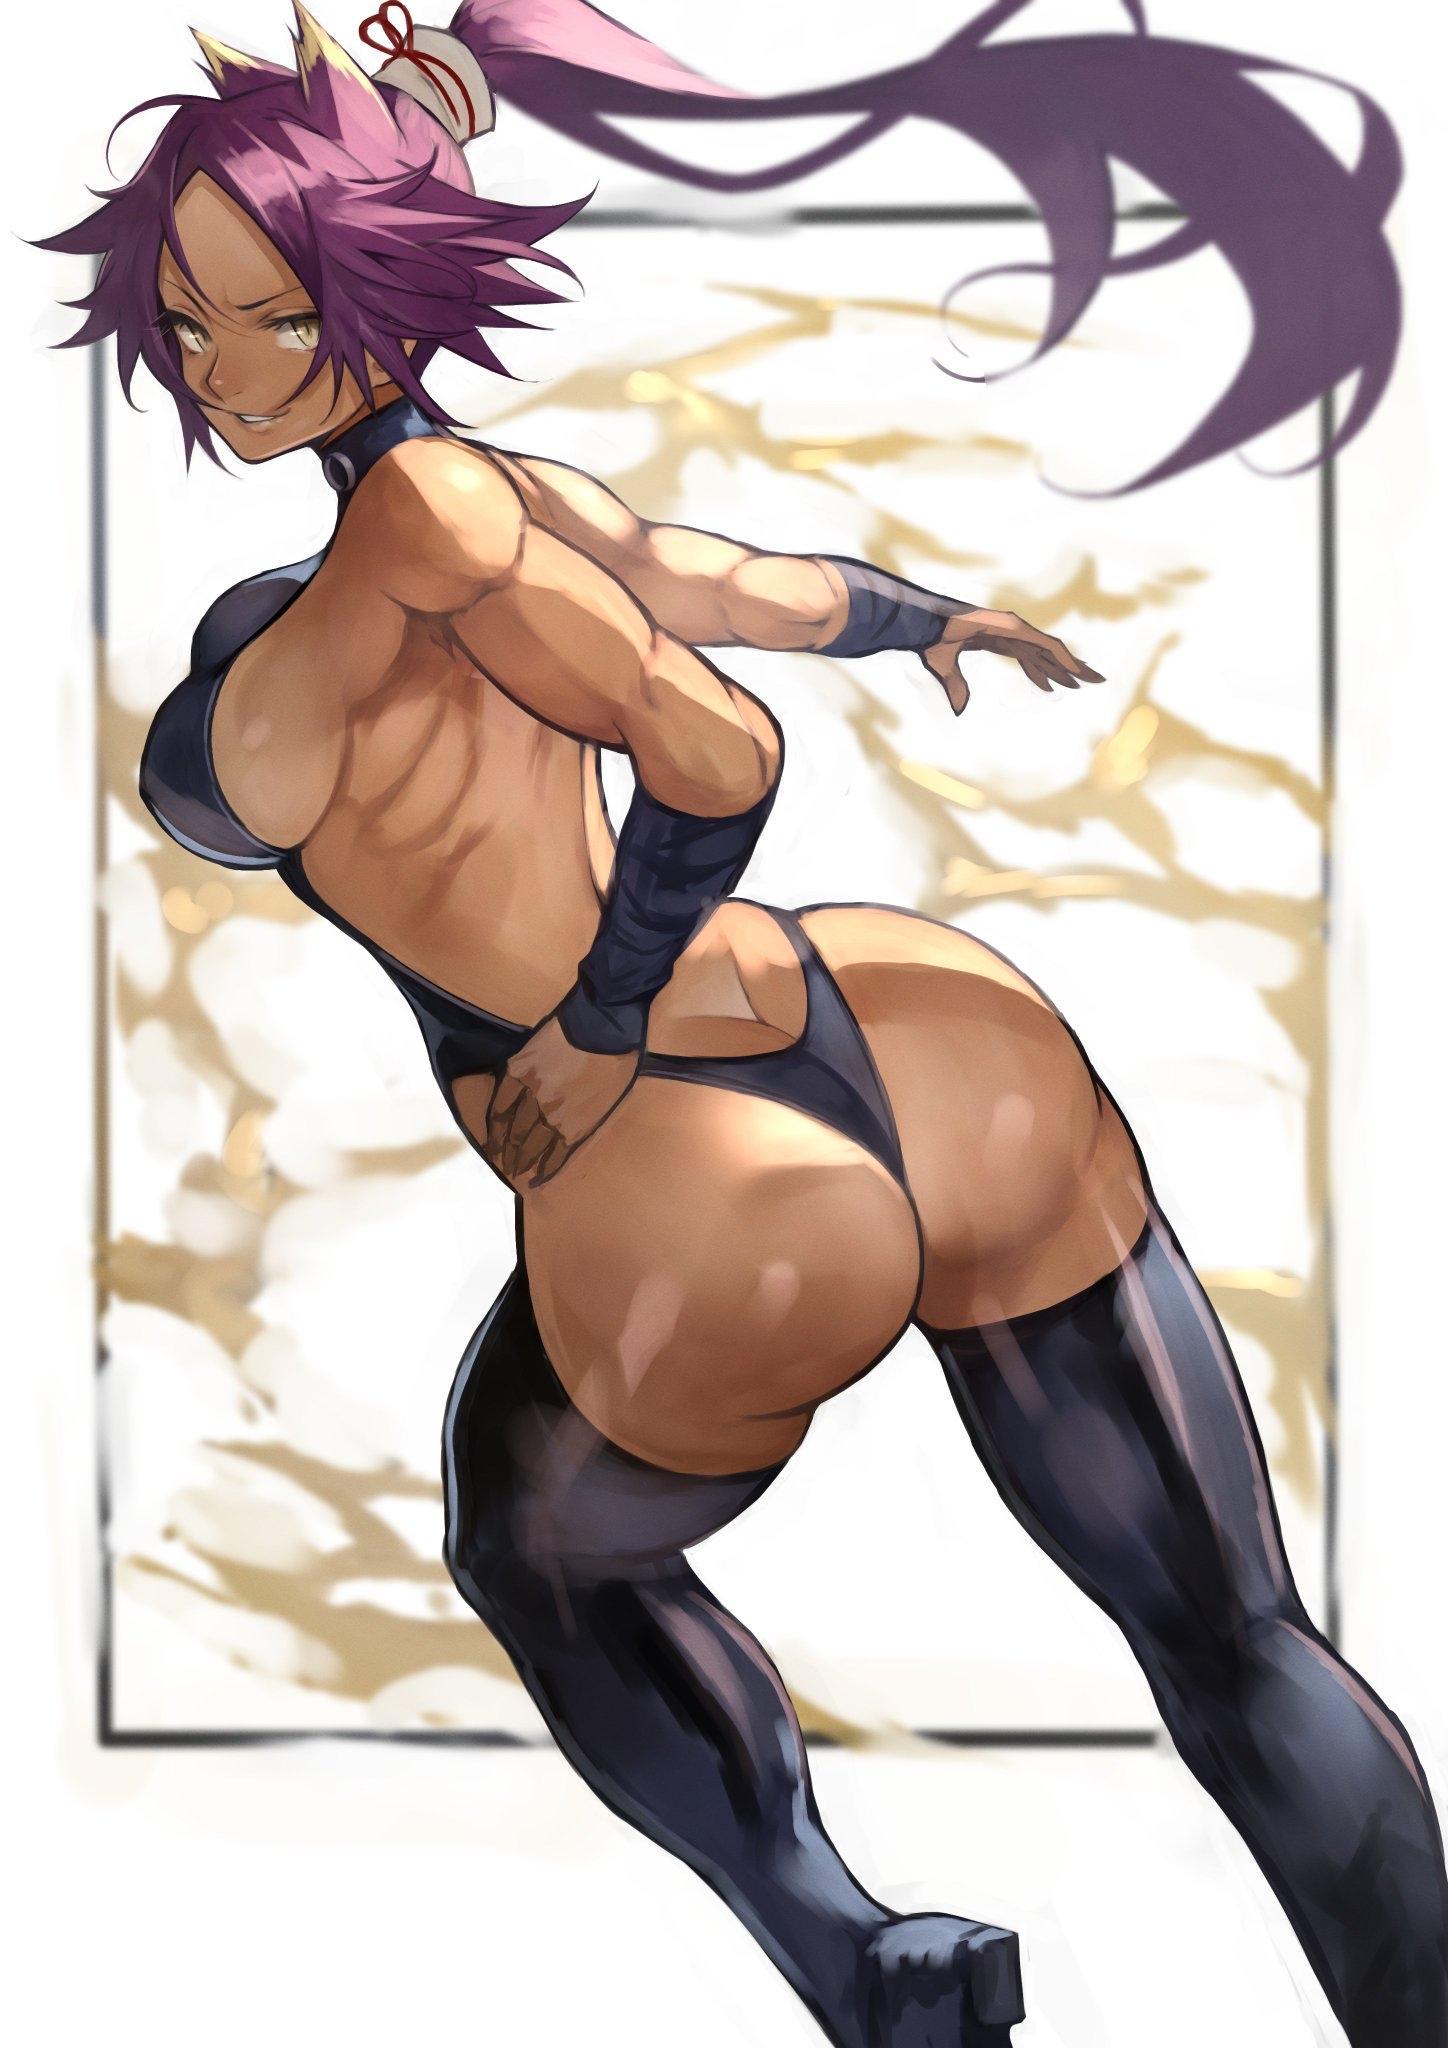 yoruichi shihouin ass